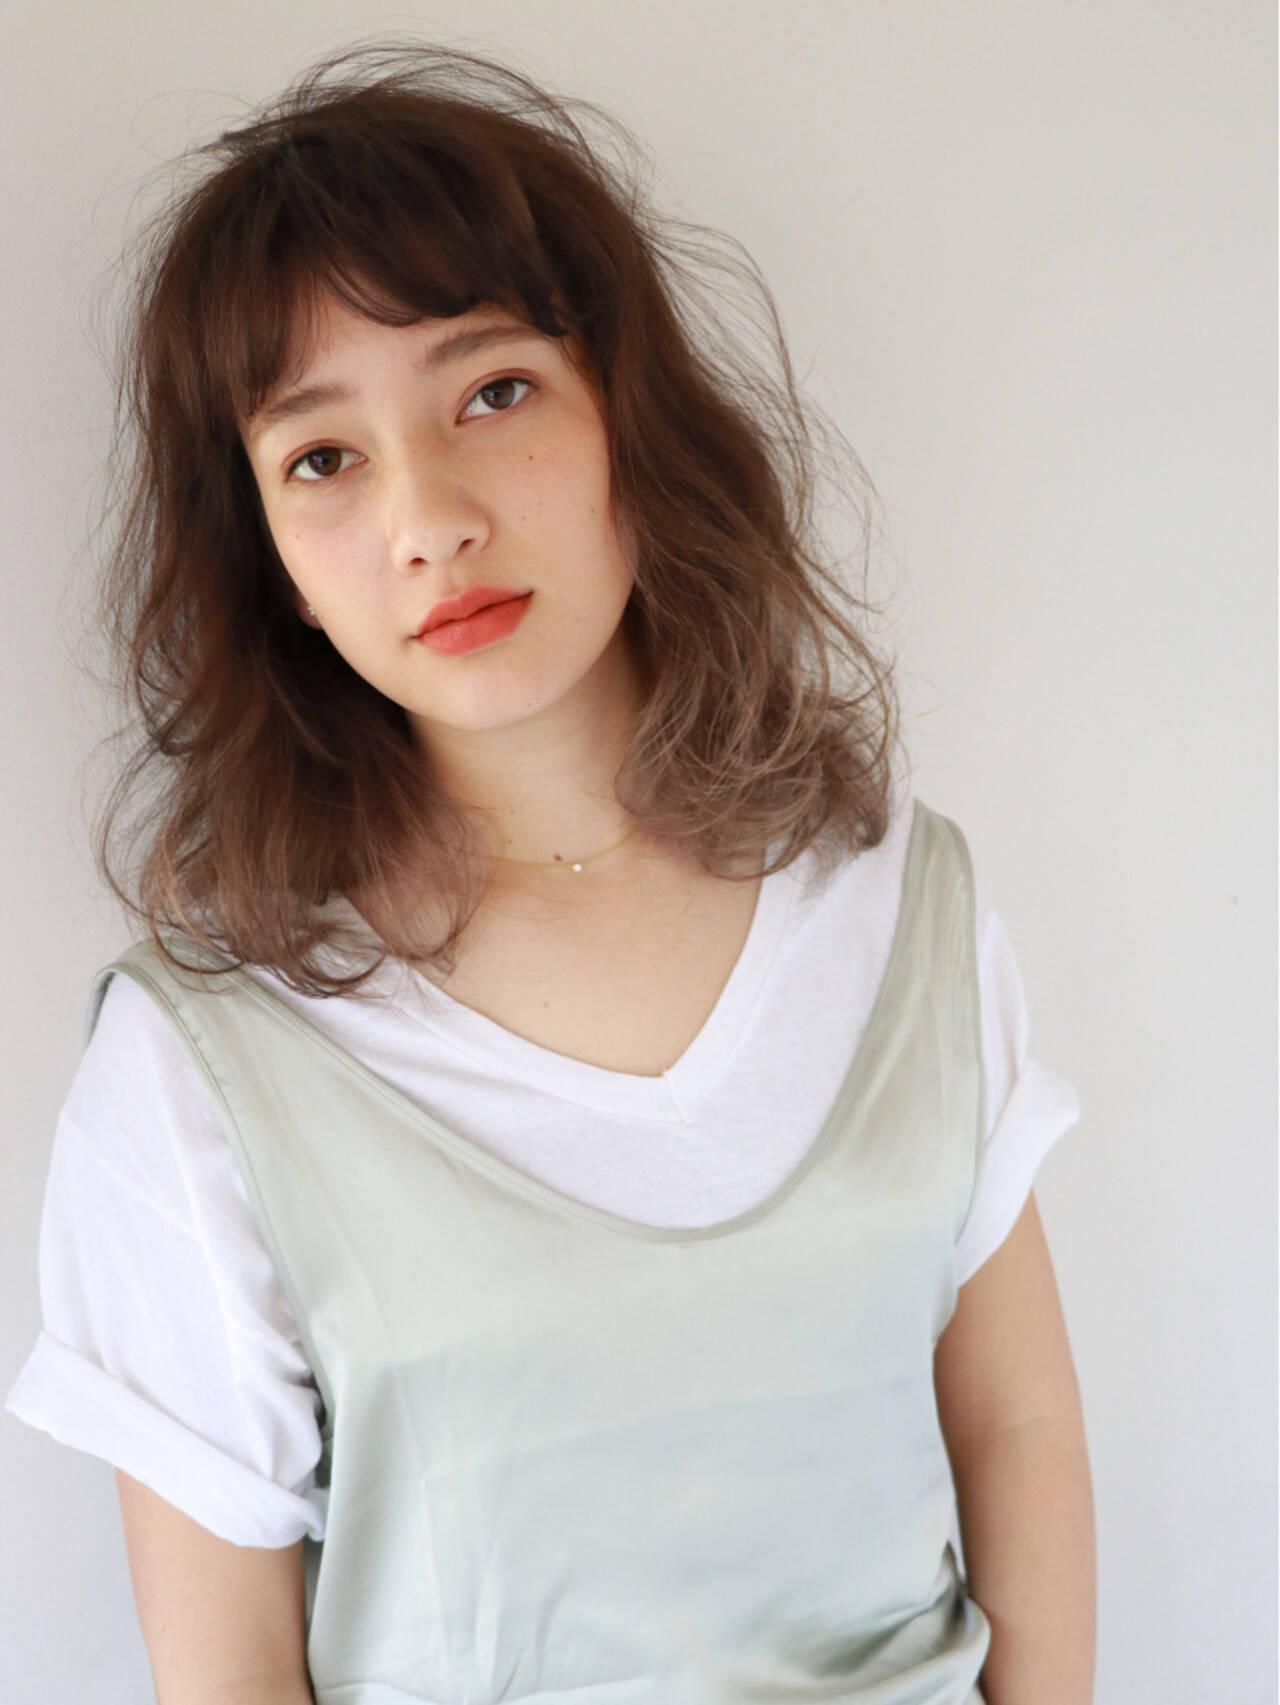 ミディアム ハイライト ニュアンス パーマヘアスタイルや髪型の写真・画像